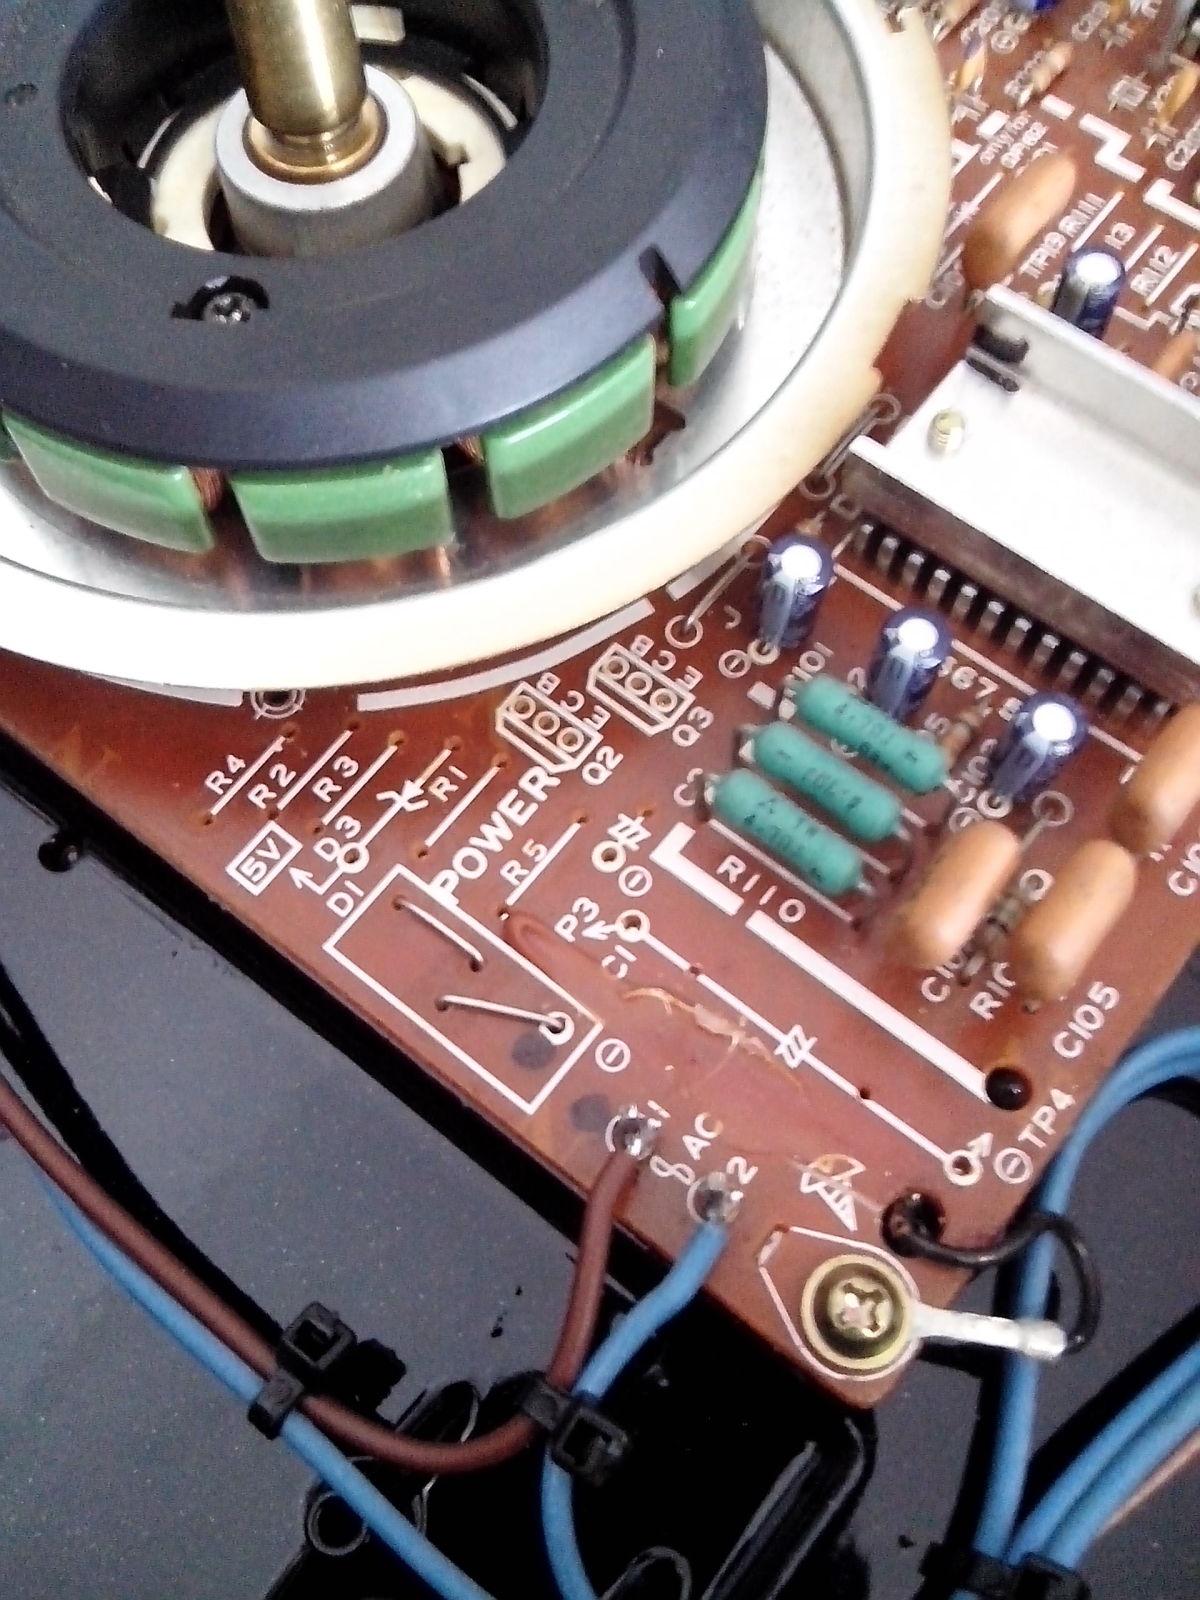 Restauración y mejora de un Technics SL1200 2v7z7k0